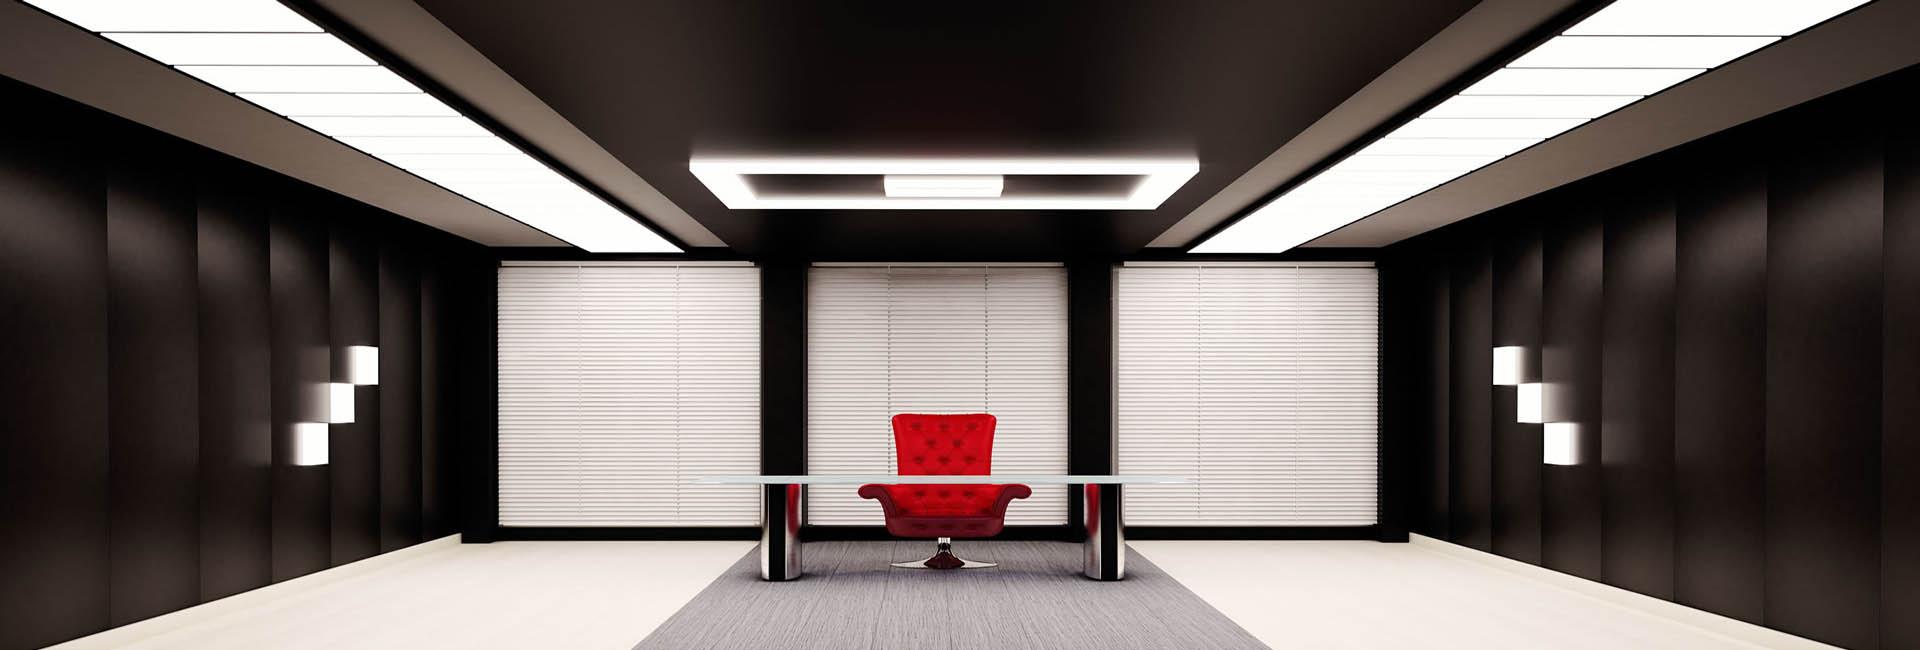 gergin tavan ofis uygulaması, gergi tavan özellikleri